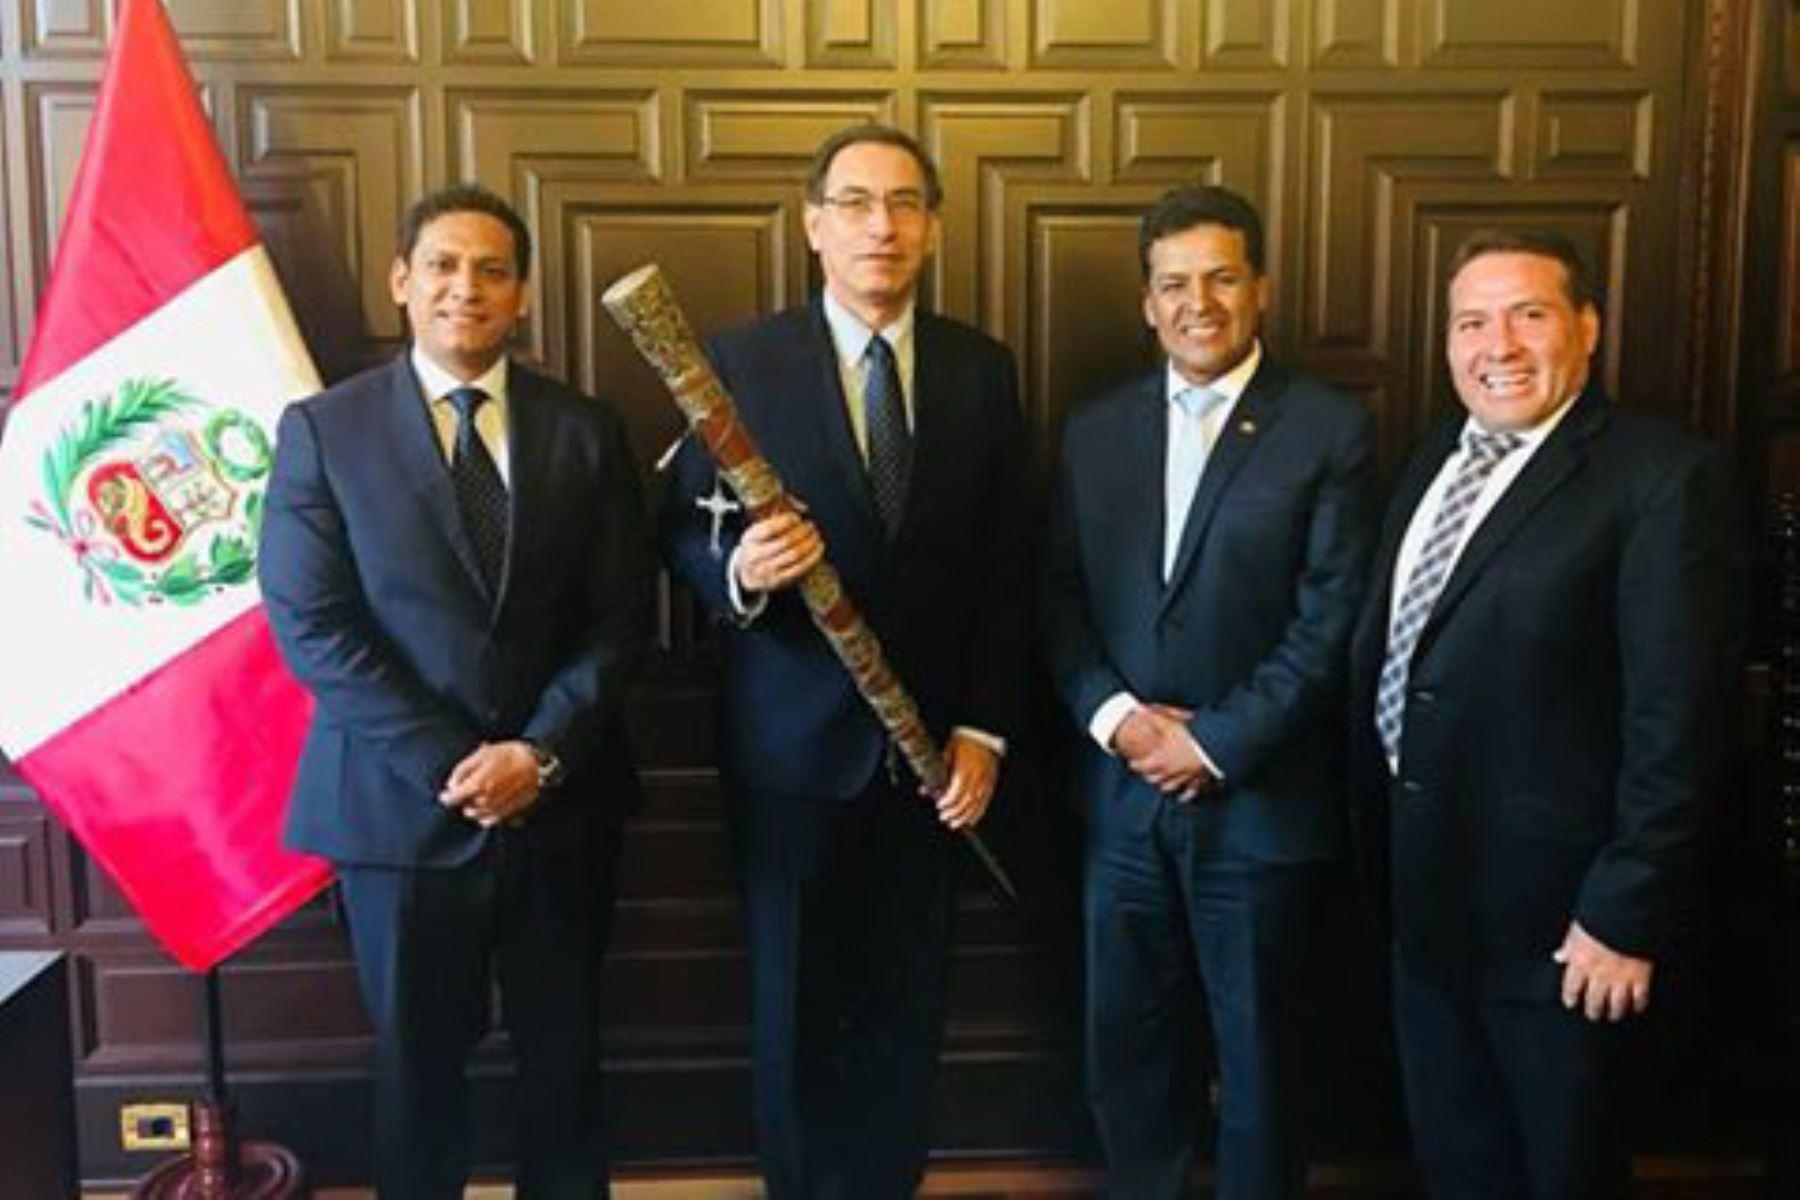 Presidente Martín Vizcarra recibió la visita de los gobernadores regionales de La Libertad, Luis Valdez; y de Cusco, Edwin Licona.